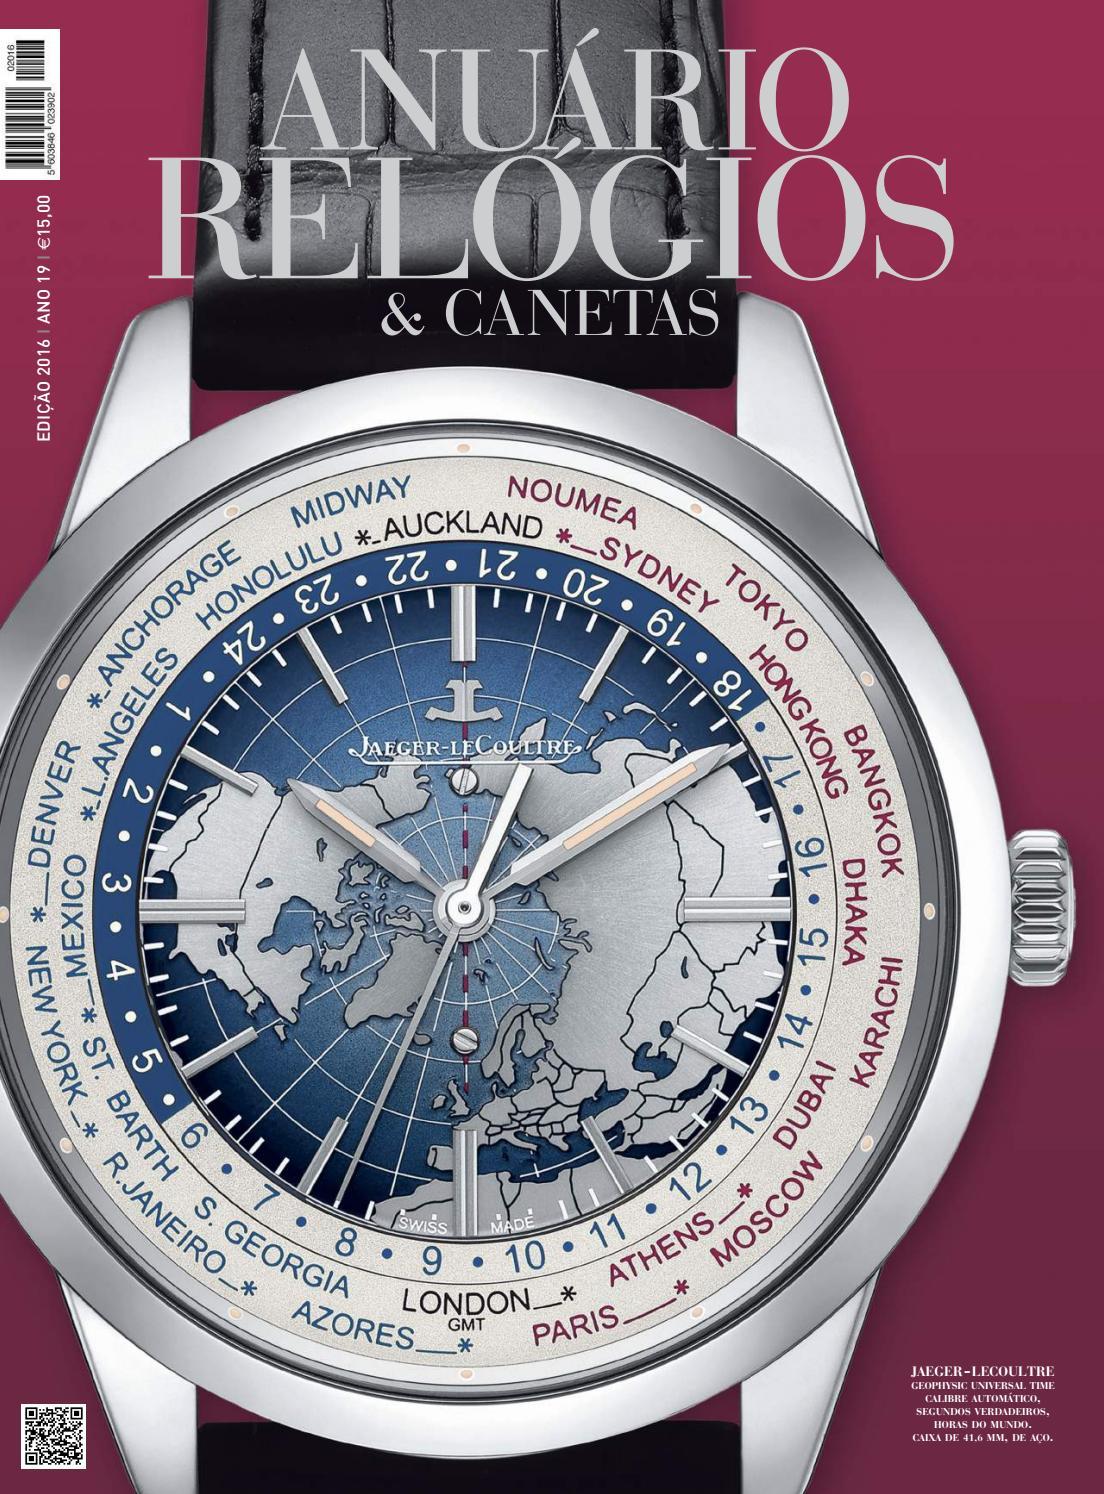 90b9911419b Anuário Relógios   Canetas - 2016 (versão digital da revista em papel) by  Anuário Relógios   Canetas - issuu